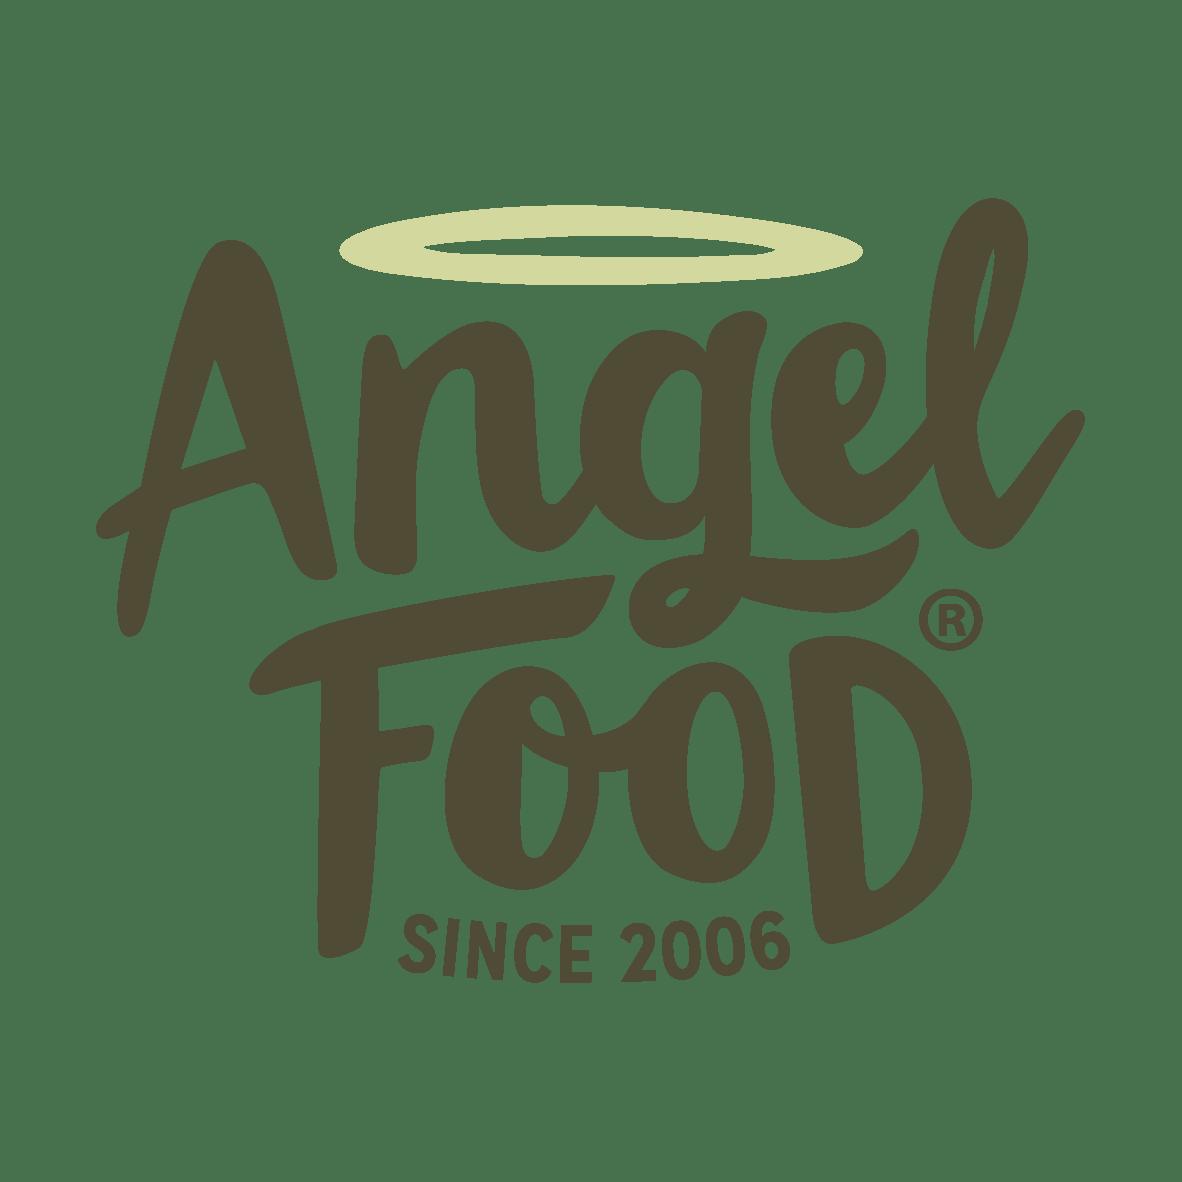 AngelFood-2021